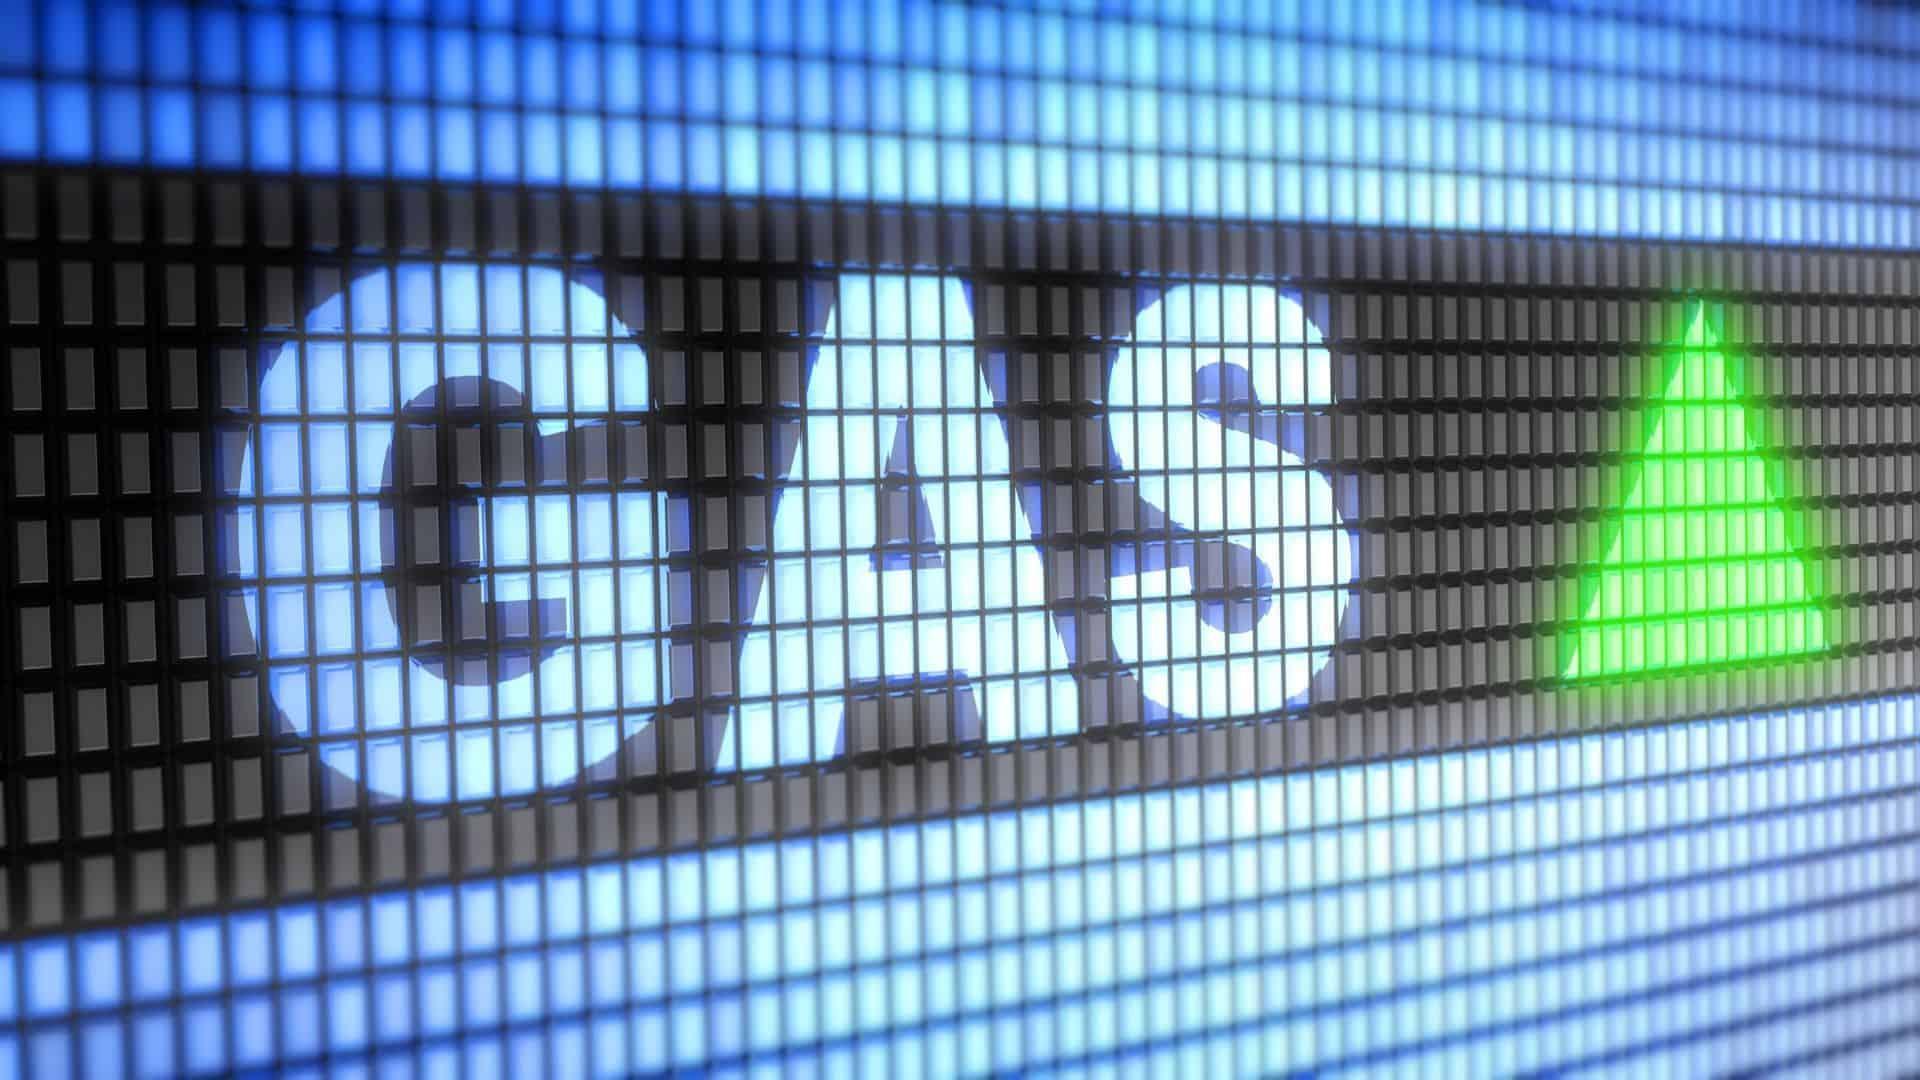 Verwachting-gasprijzen